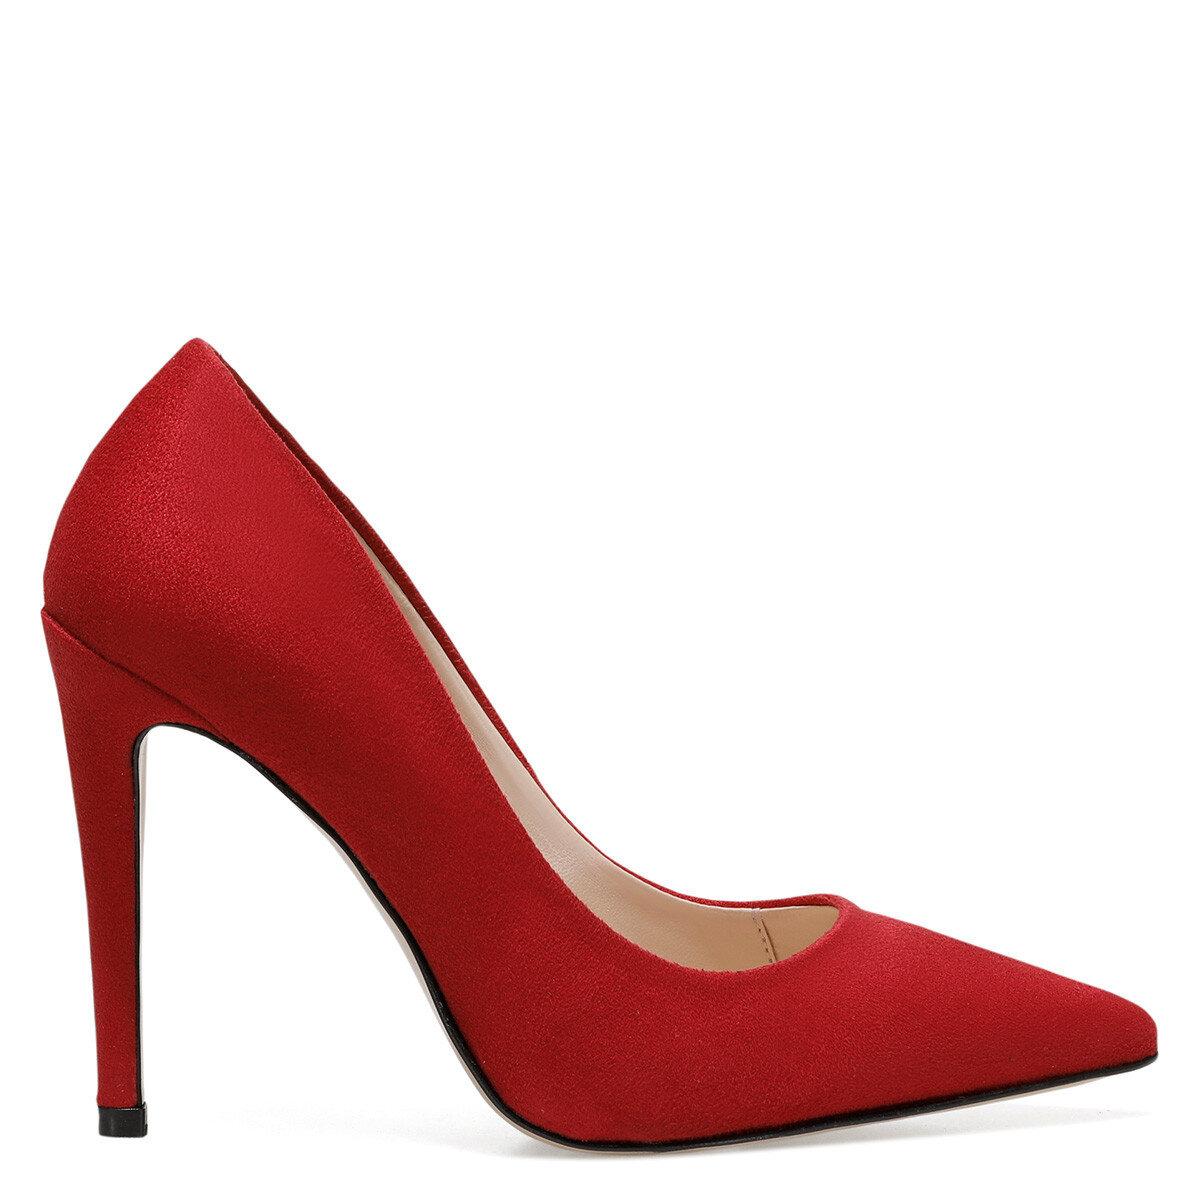 UMTE Kırmızı Kadın Gova Ayakkabı